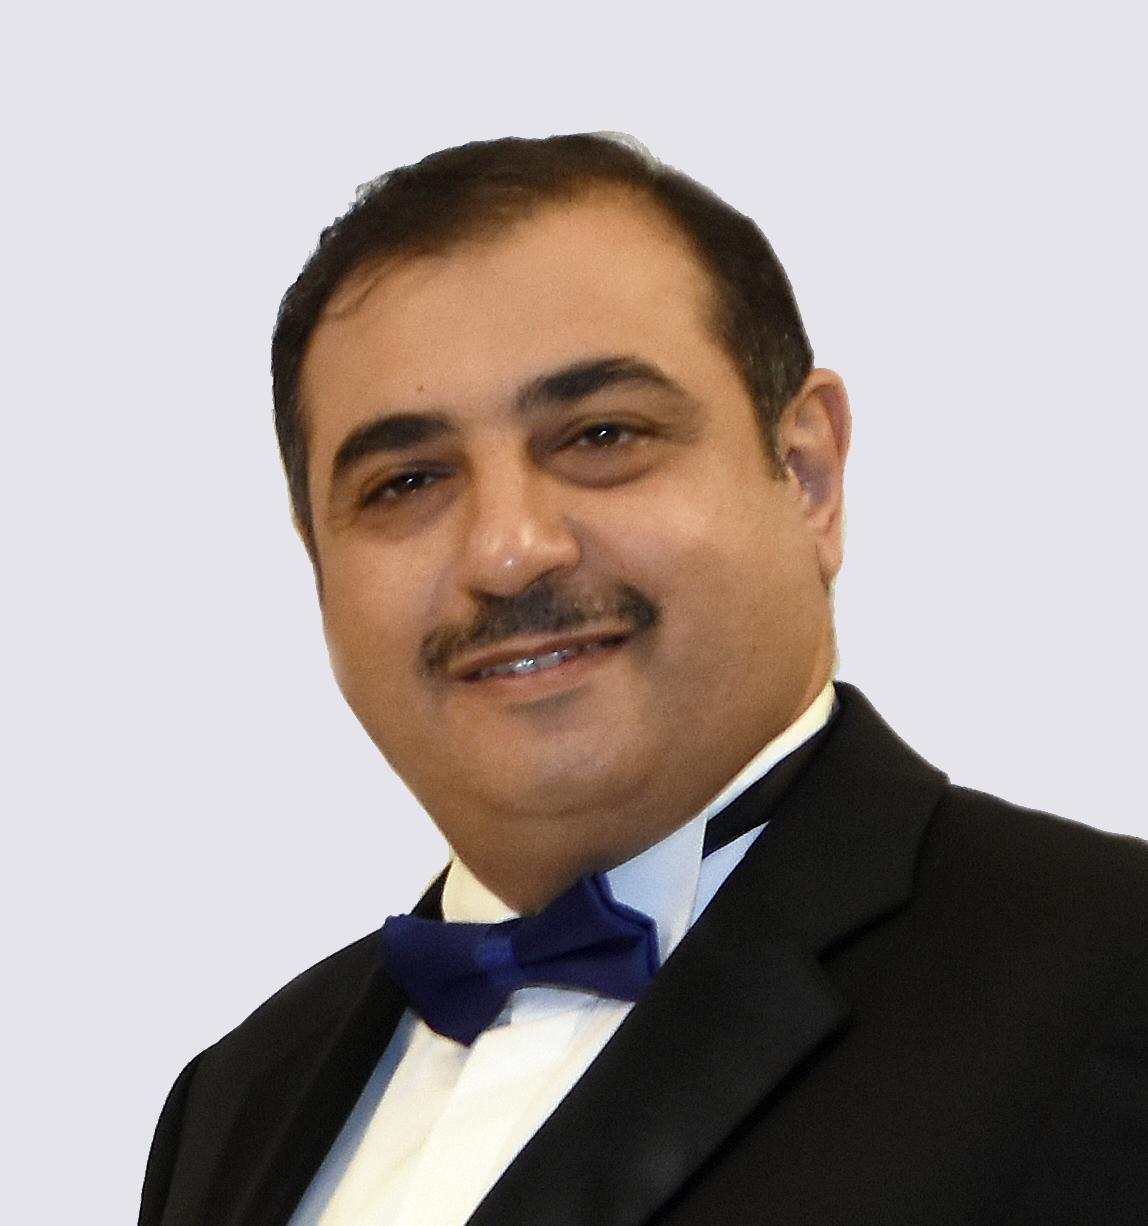 Eyad Ali Elqirem